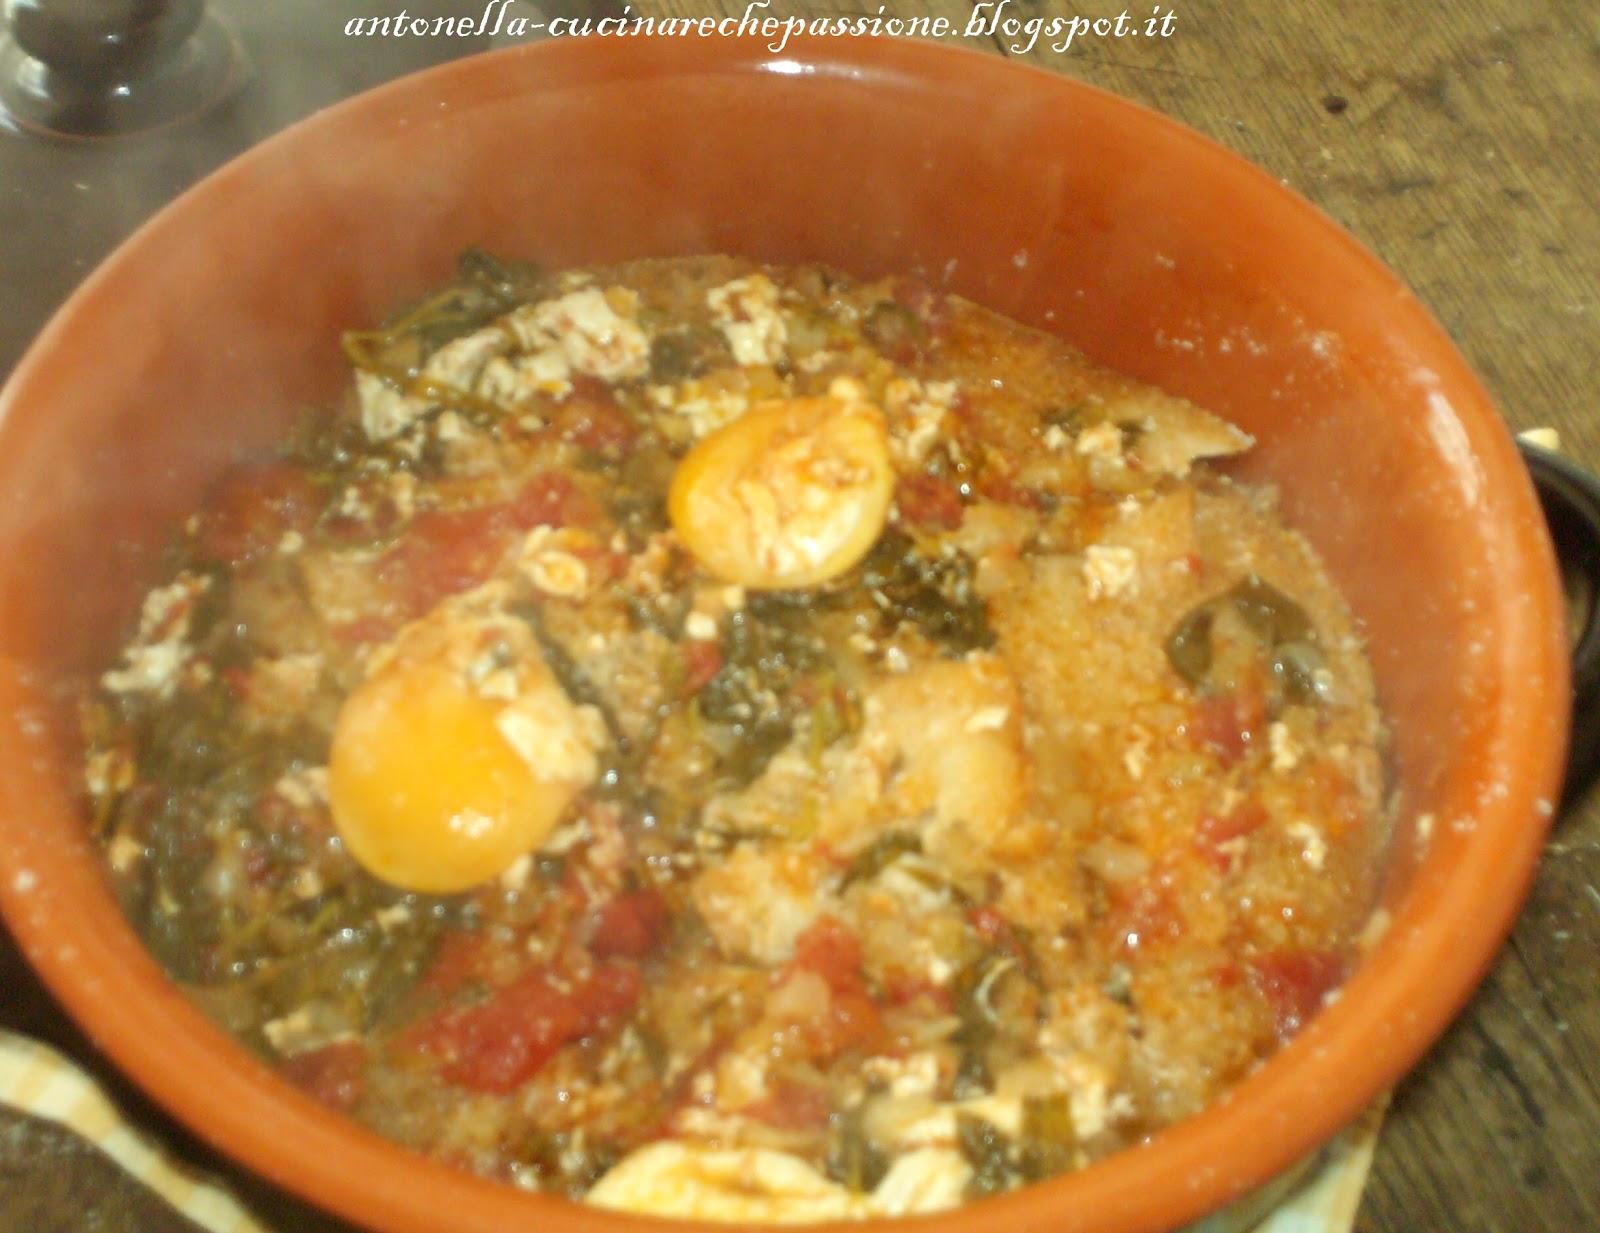 recipe: acquacotta ricetta [27]